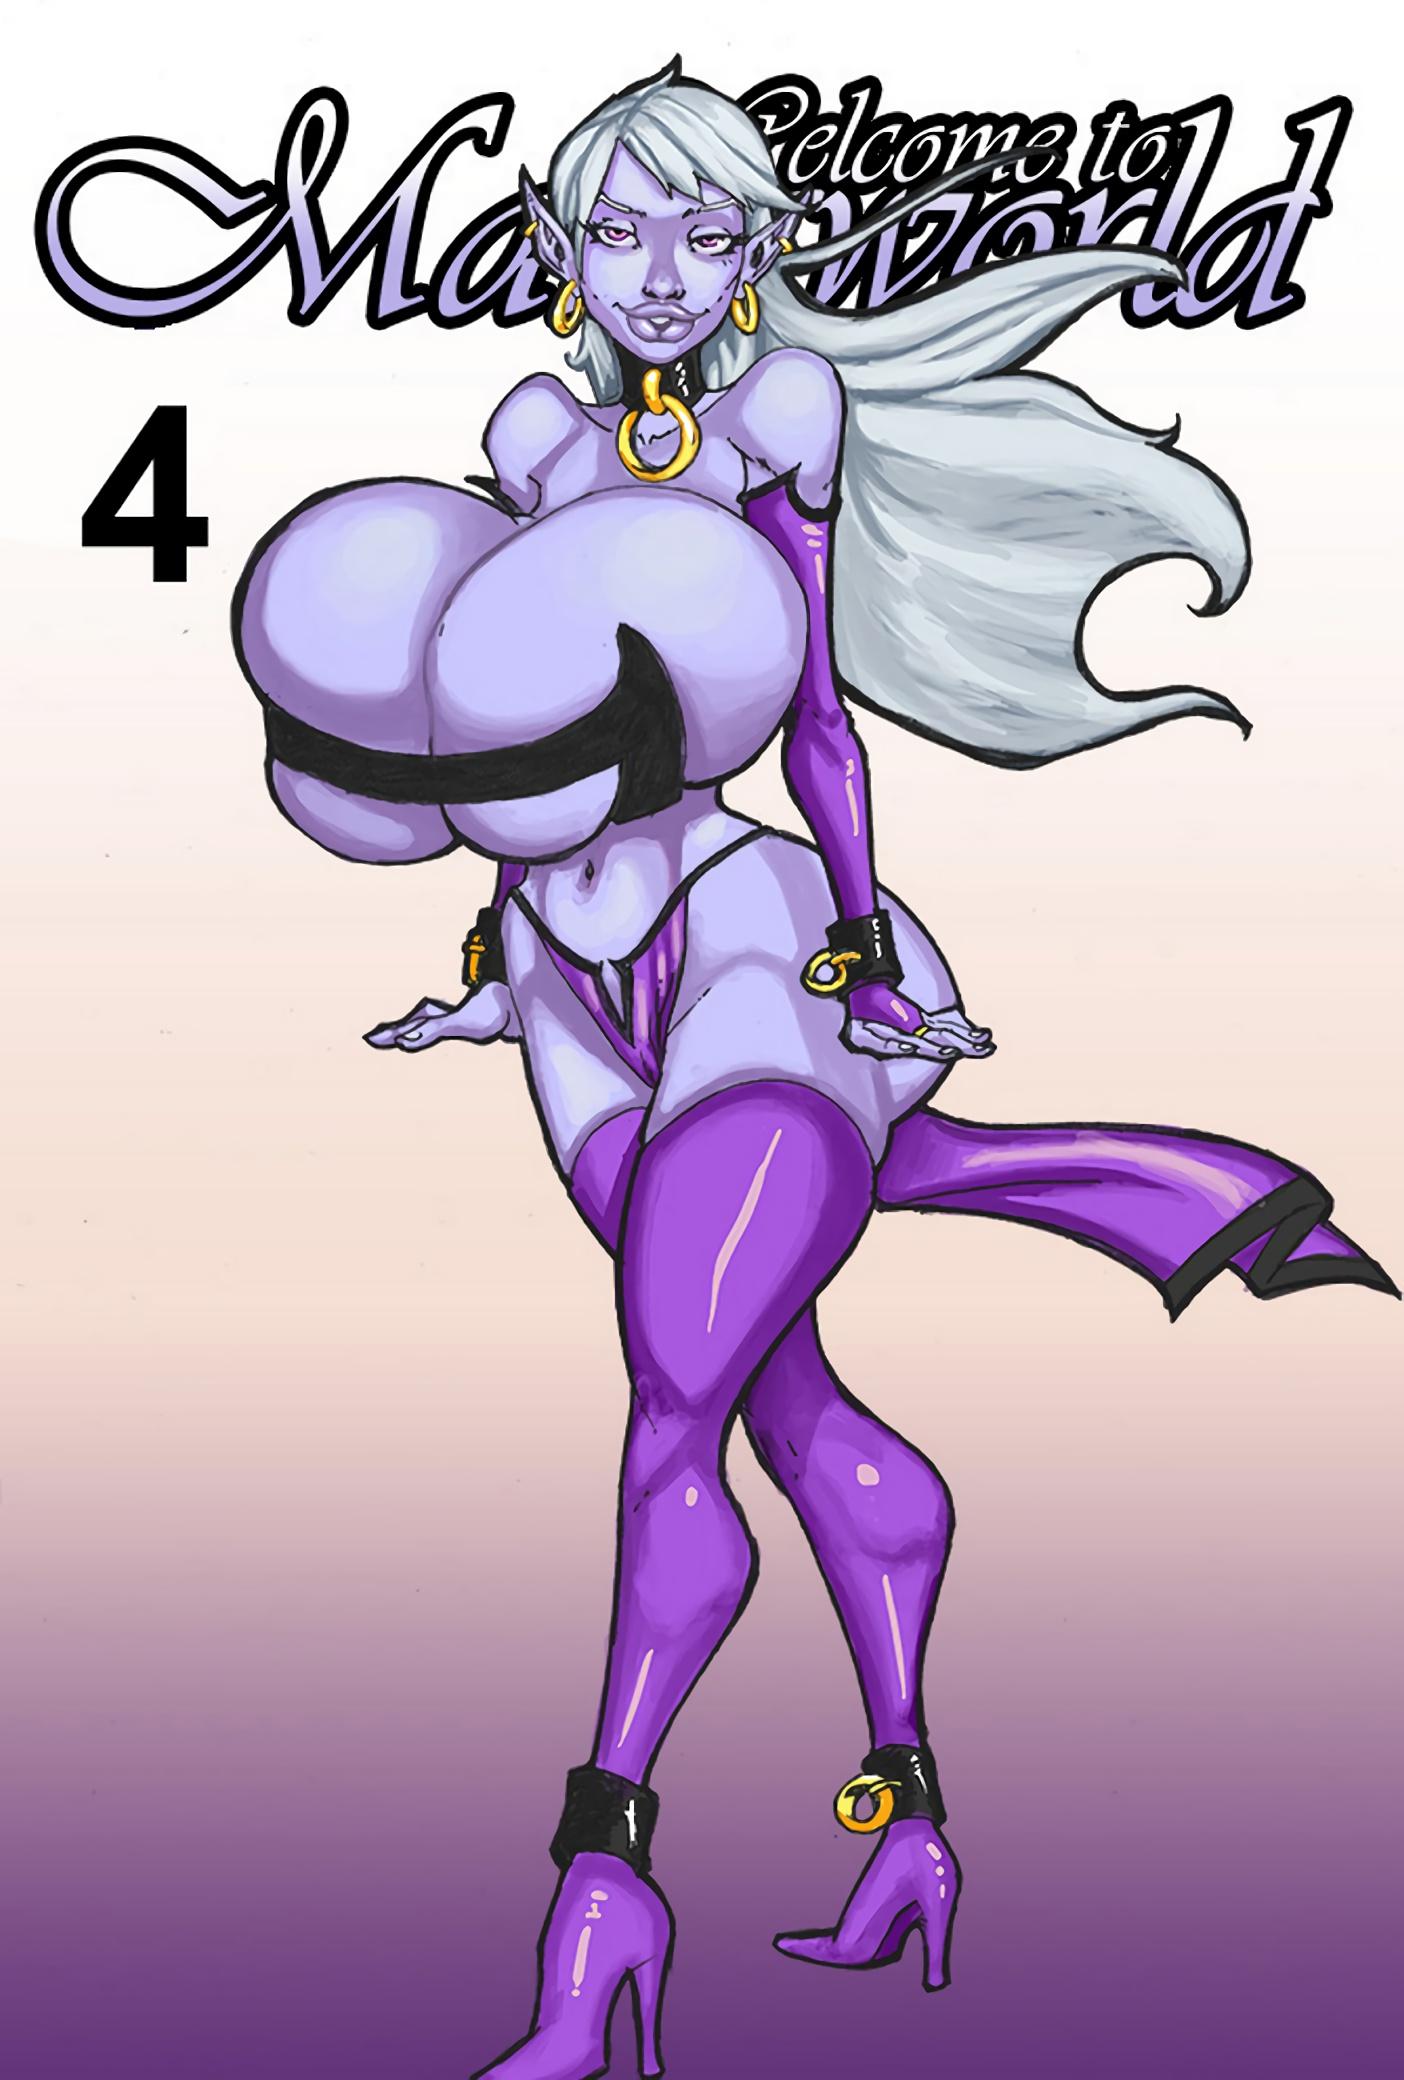 Секс комиксы - Mana world 4 Большая грудь, Анал, Большие члены